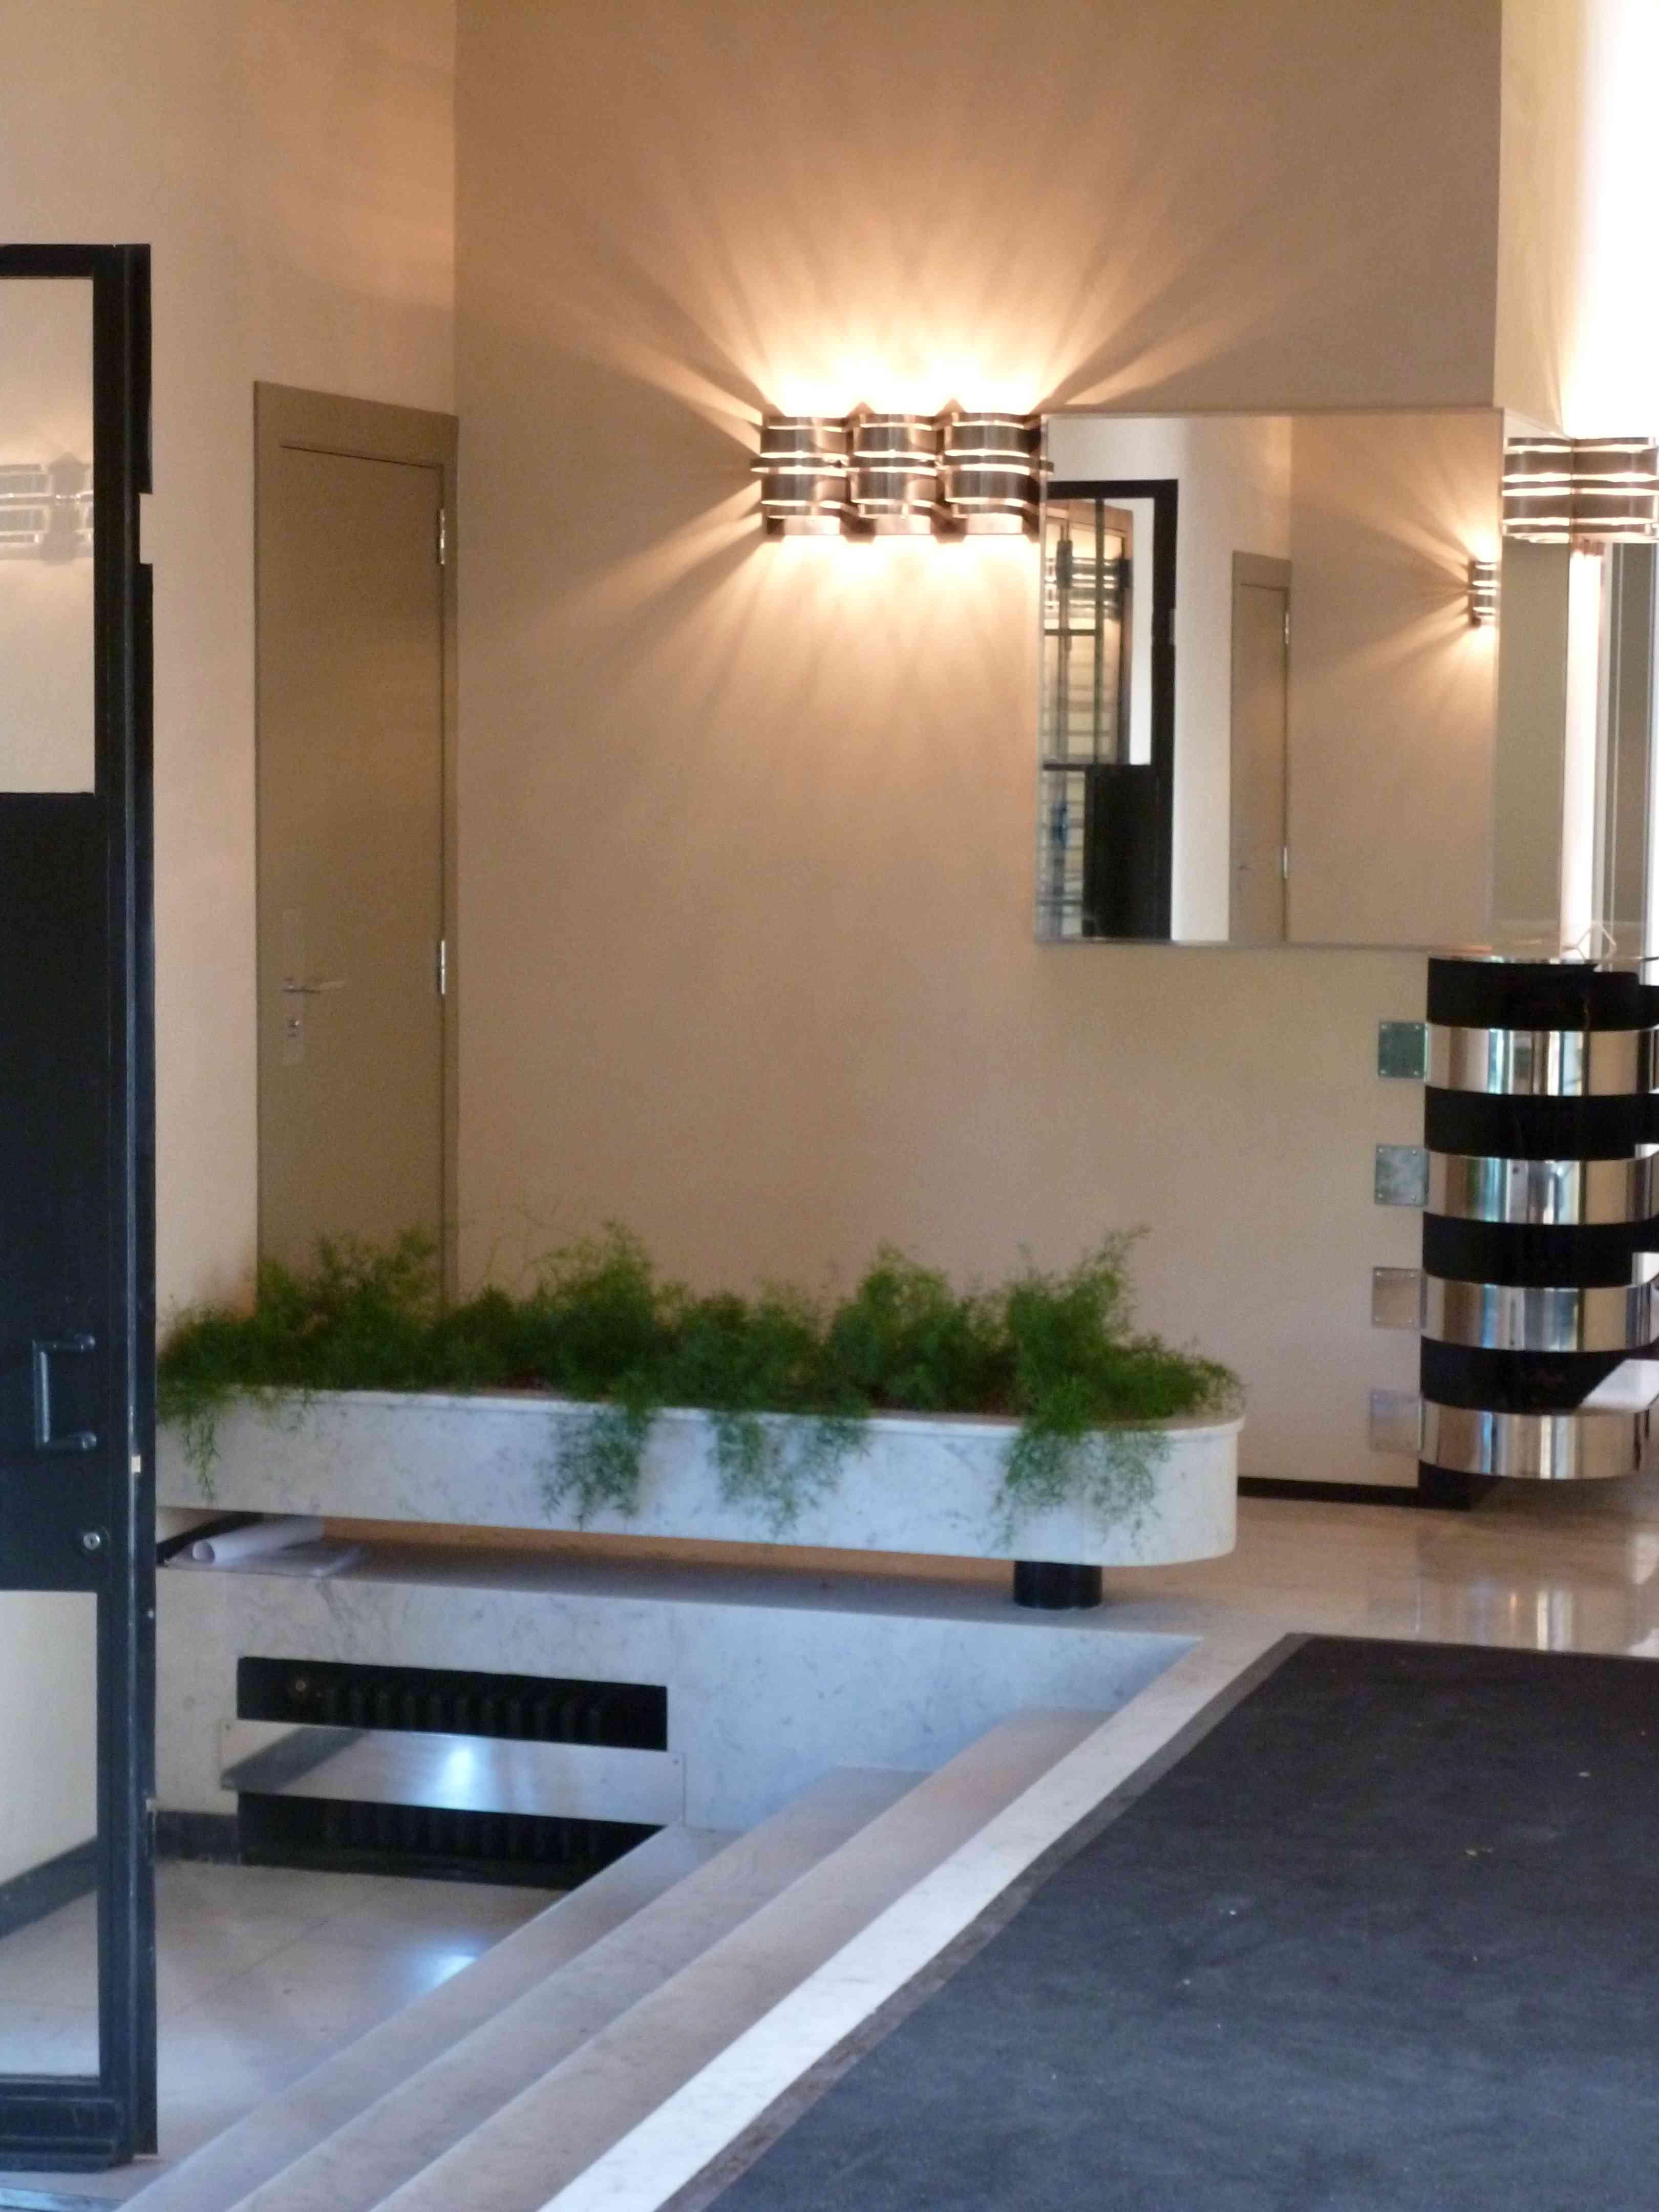 Promenades lilloises 4 la villa cavrois for Deco entree villa